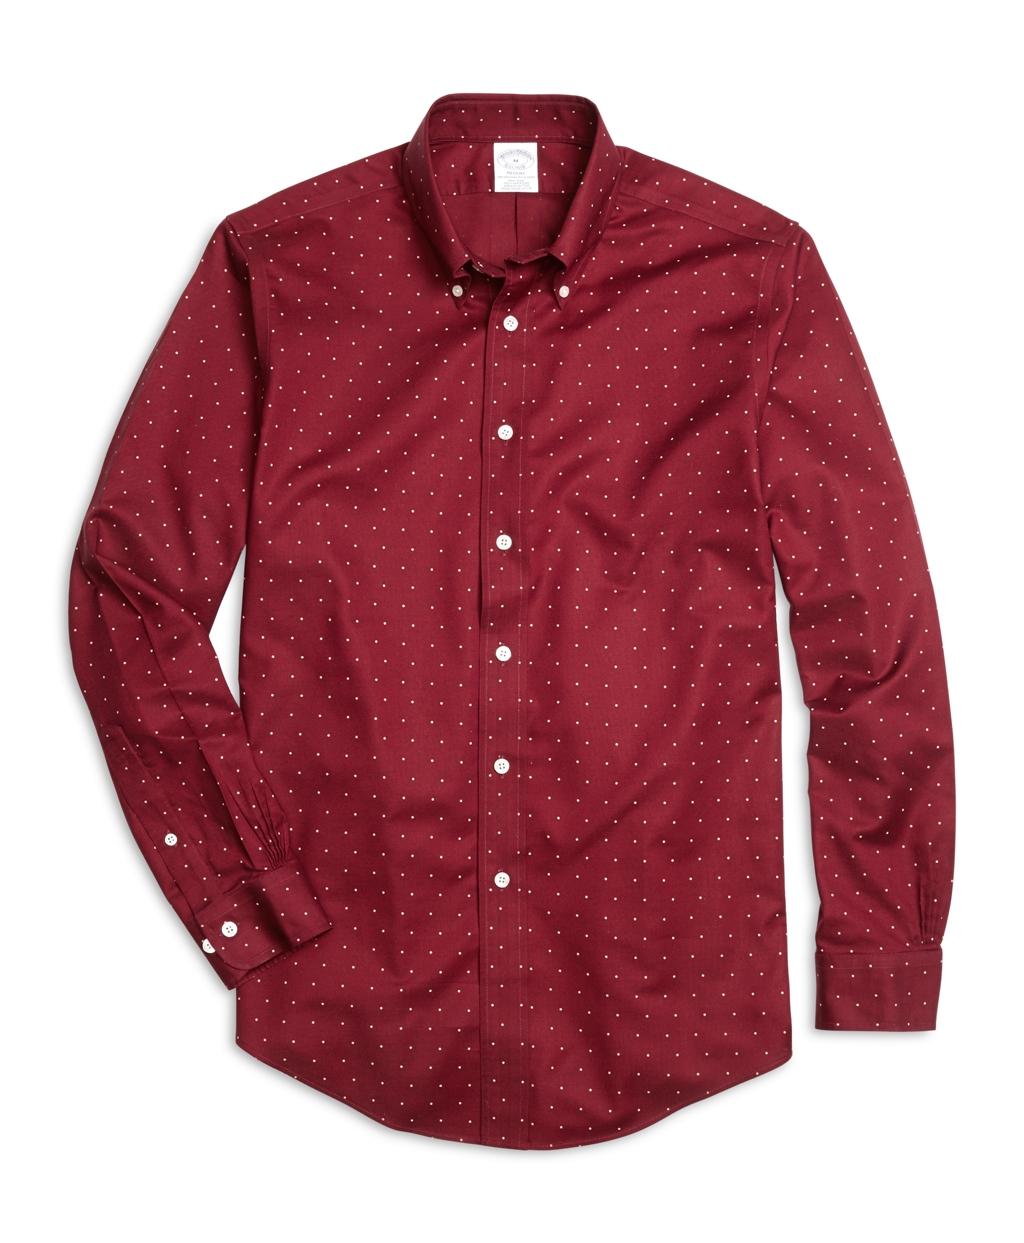 Lyst brooks brothers regent fit dot print sport shirt in for Brooks brothers sports shirts